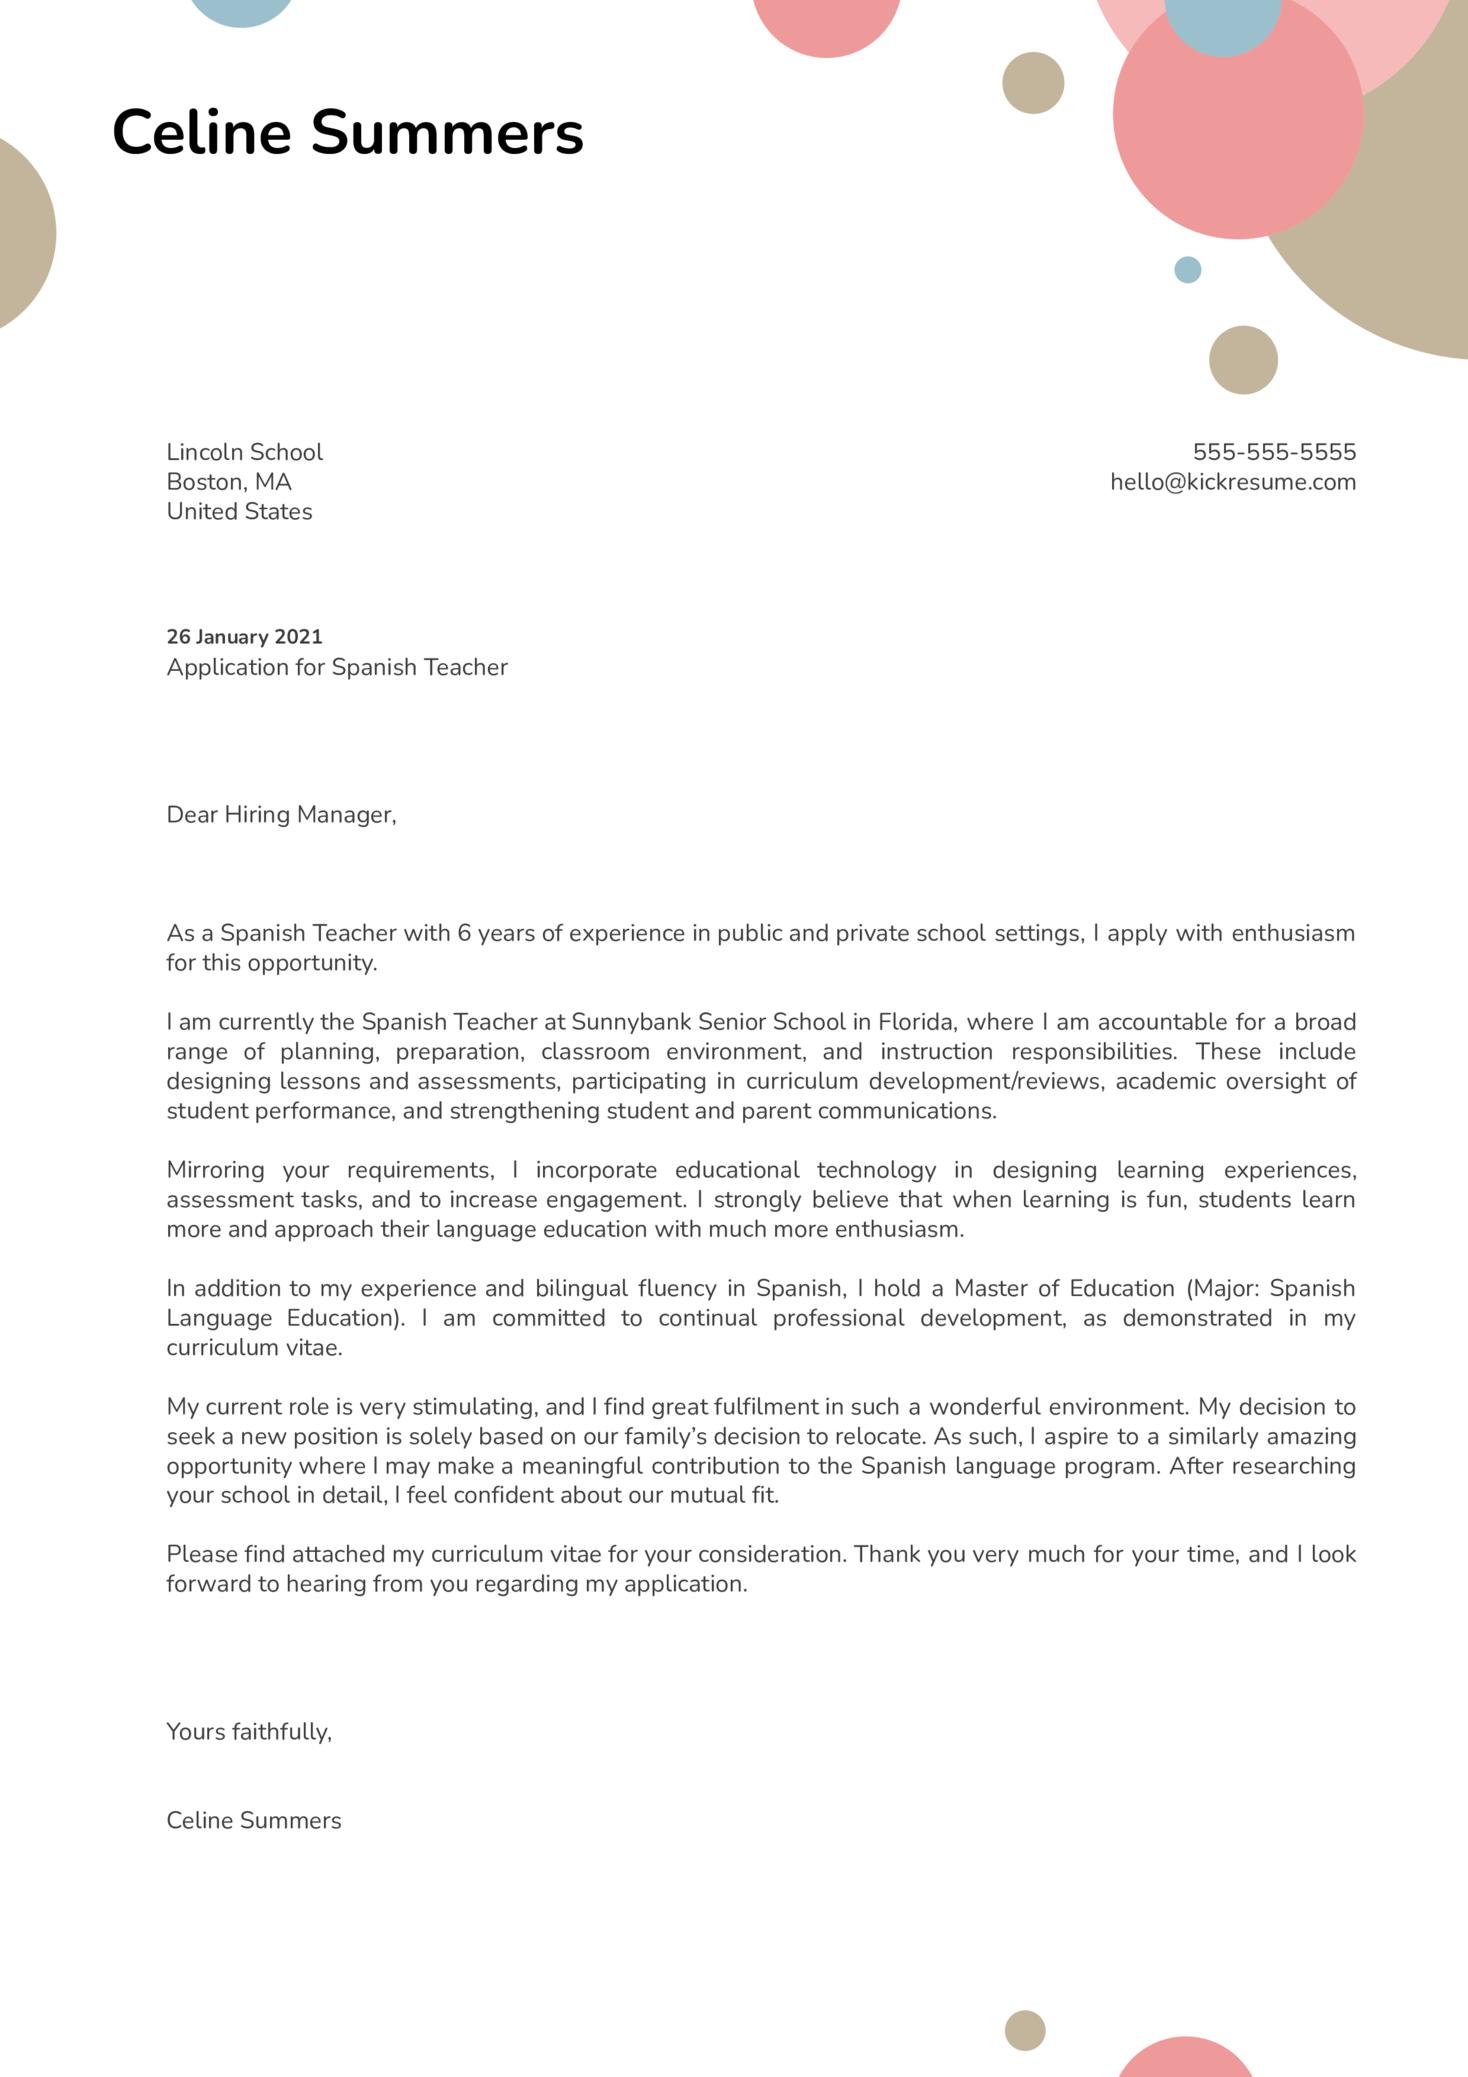 Spanish Teacher Cover Letter Template